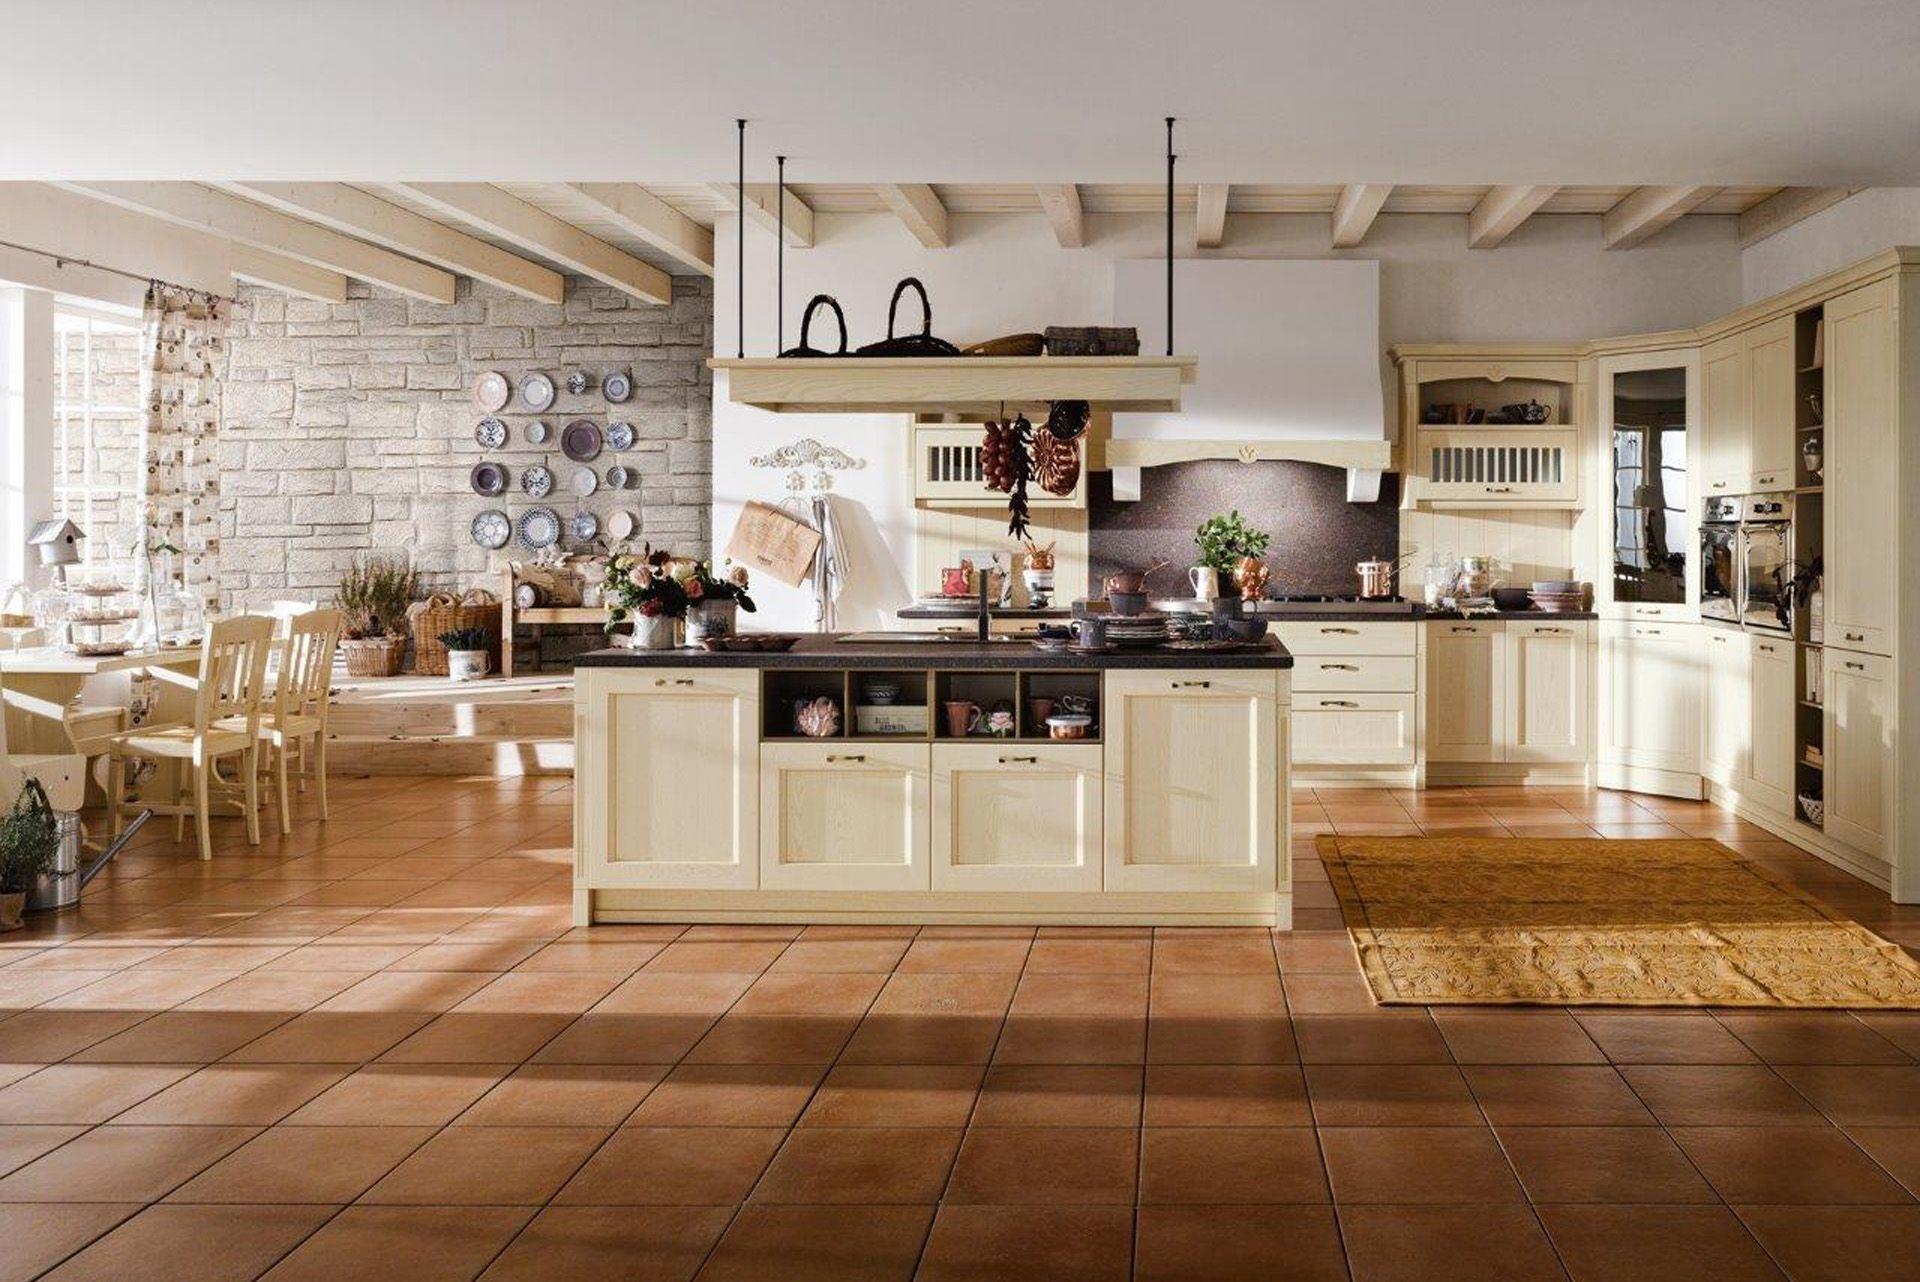 Arredamento cucine in muratura, cucine moderne, cucine classiche e ...